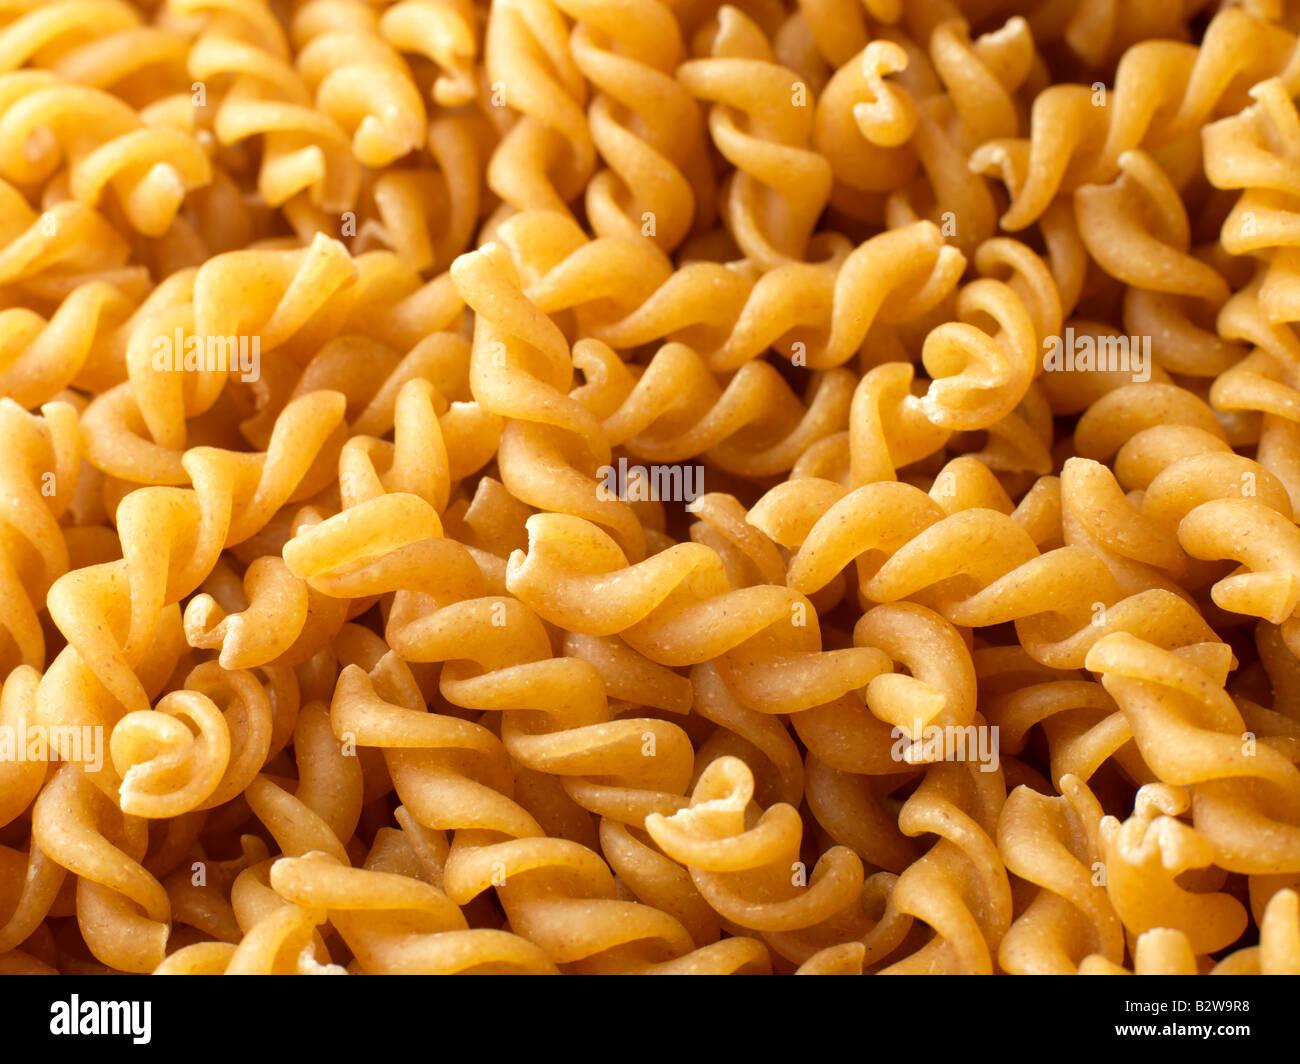 Spiral pasta - Stock Image